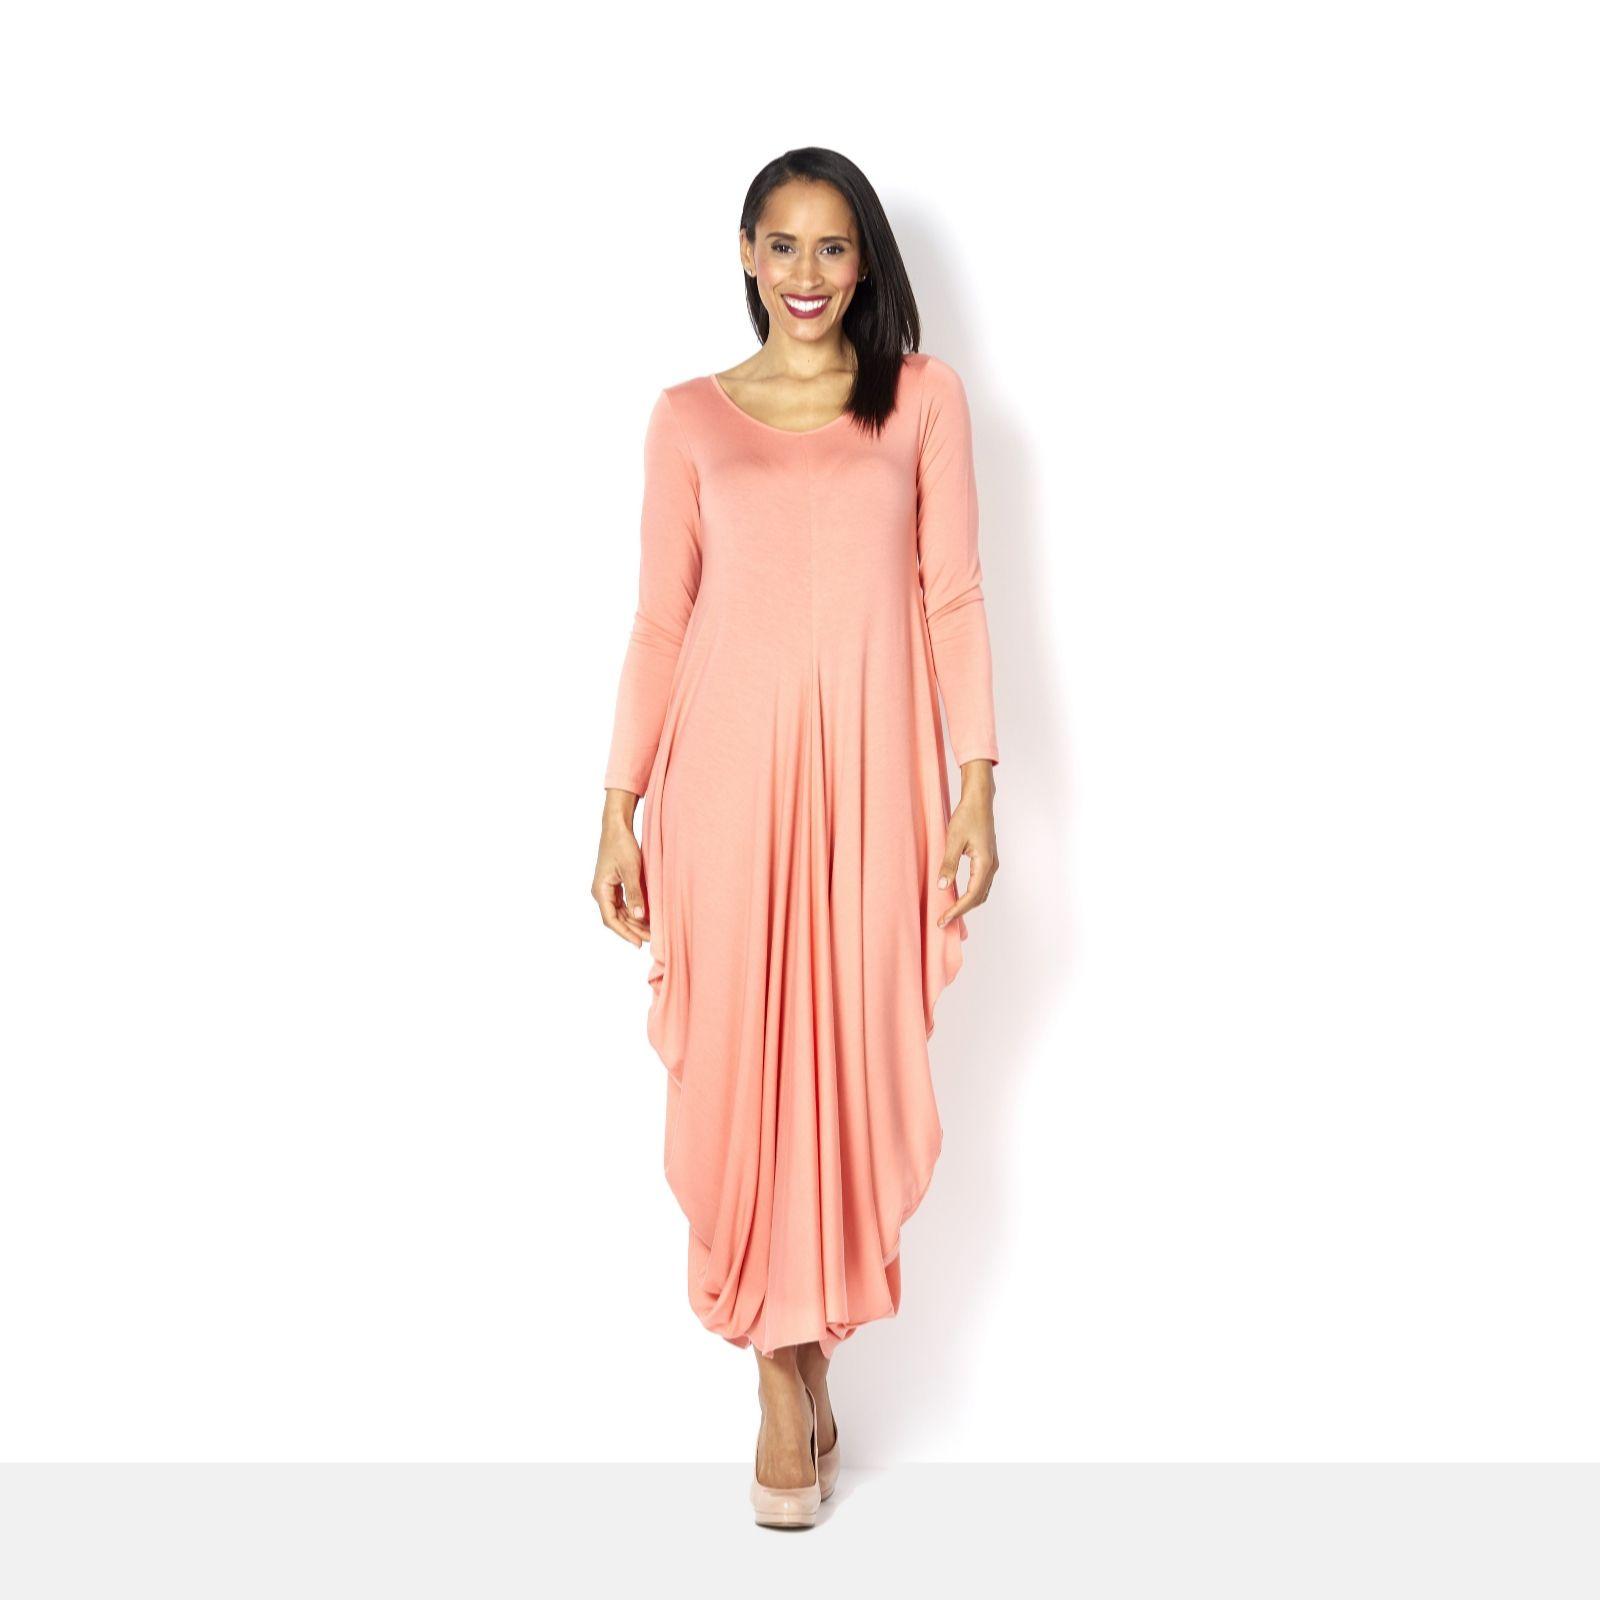 Yong Kim Modal Drape Side Dress - Page 1 - QVC UK a29d3bef2